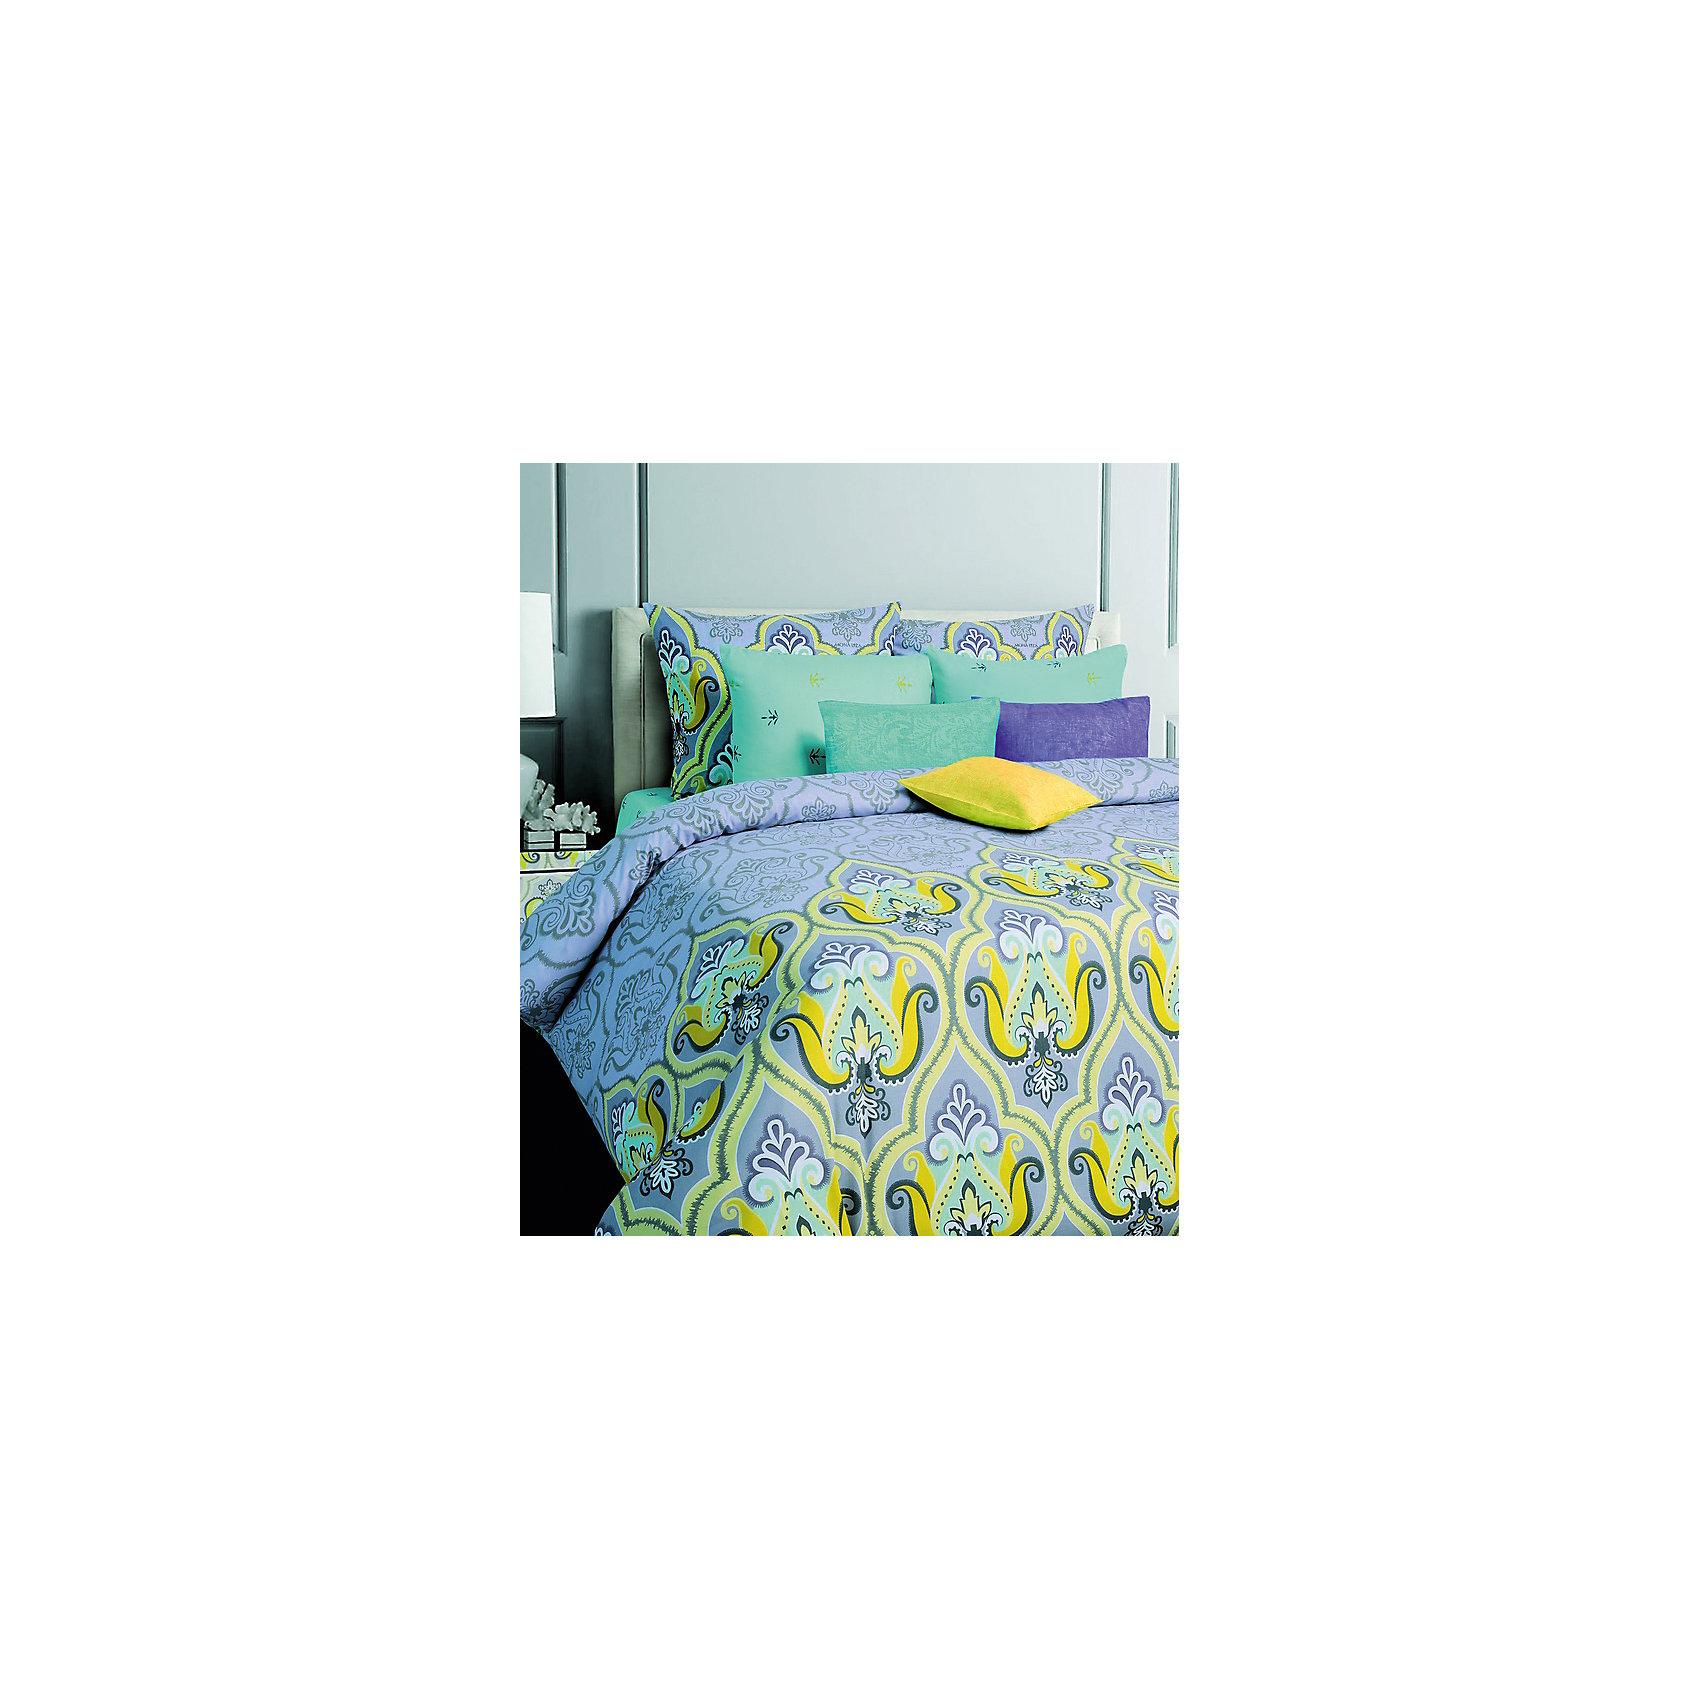 Постельное белье Darina, 1,5-спальный, 70*70, Mona LizaДомашний текстиль<br>Характеристики:<br><br>• Вид домашнего текстиля: постельное белье<br>• Тип постельного белья по размерам: 1,5 сп<br>• Серия: Mona Liza Classic<br>• Сезон: круглый год<br>• Материал: бязь <br>• Цвет: сиреневый, голубой, желтый, белый<br>• Комплектация: <br> пододеяльник на пуговицах – 1 шт. 145*210 см <br> простынь – 1 шт. 150*215 см<br> наволочки – 2 шт. (70*70 см)<br>• Тип упаковки: книжка <br>• Вес в упаковке: 1 кг 600 г<br>• Особенности ухода: машинная стирка при температуре 30 градусов<br><br>Постельное белье 1,5сп Darina 70*70, Mona Liza изготовлено под отечественным торговым брендом, выпускающим постельное белье из натуральных тканей. Комплект выполнен из 100 % бязи, отличающейся высокими характеристиками не только прочности самого полотна, но и устойчивости окраски, которая выполняется по особой технологии. Комплектсостоит из 4-х предметов. Постельное белье выполнено в ярком дизайне с рисунком из восточного орнамента. <br>Постельное белье 1,5сп Darina 70*70, Mona Liza – домашний текстиль, соответствующий международным стандартам качества и безопасности!<br><br>Постельное белье 1,5сп Darina 70*70, Mona Liza можно купить в нашем интернет-магазине.<br><br>Ширина мм: 290<br>Глубина мм: 70<br>Высота мм: 370<br>Вес г: 1400<br>Возраст от месяцев: 84<br>Возраст до месяцев: 216<br>Пол: Женский<br>Возраст: Детский<br>SKU: 5165672